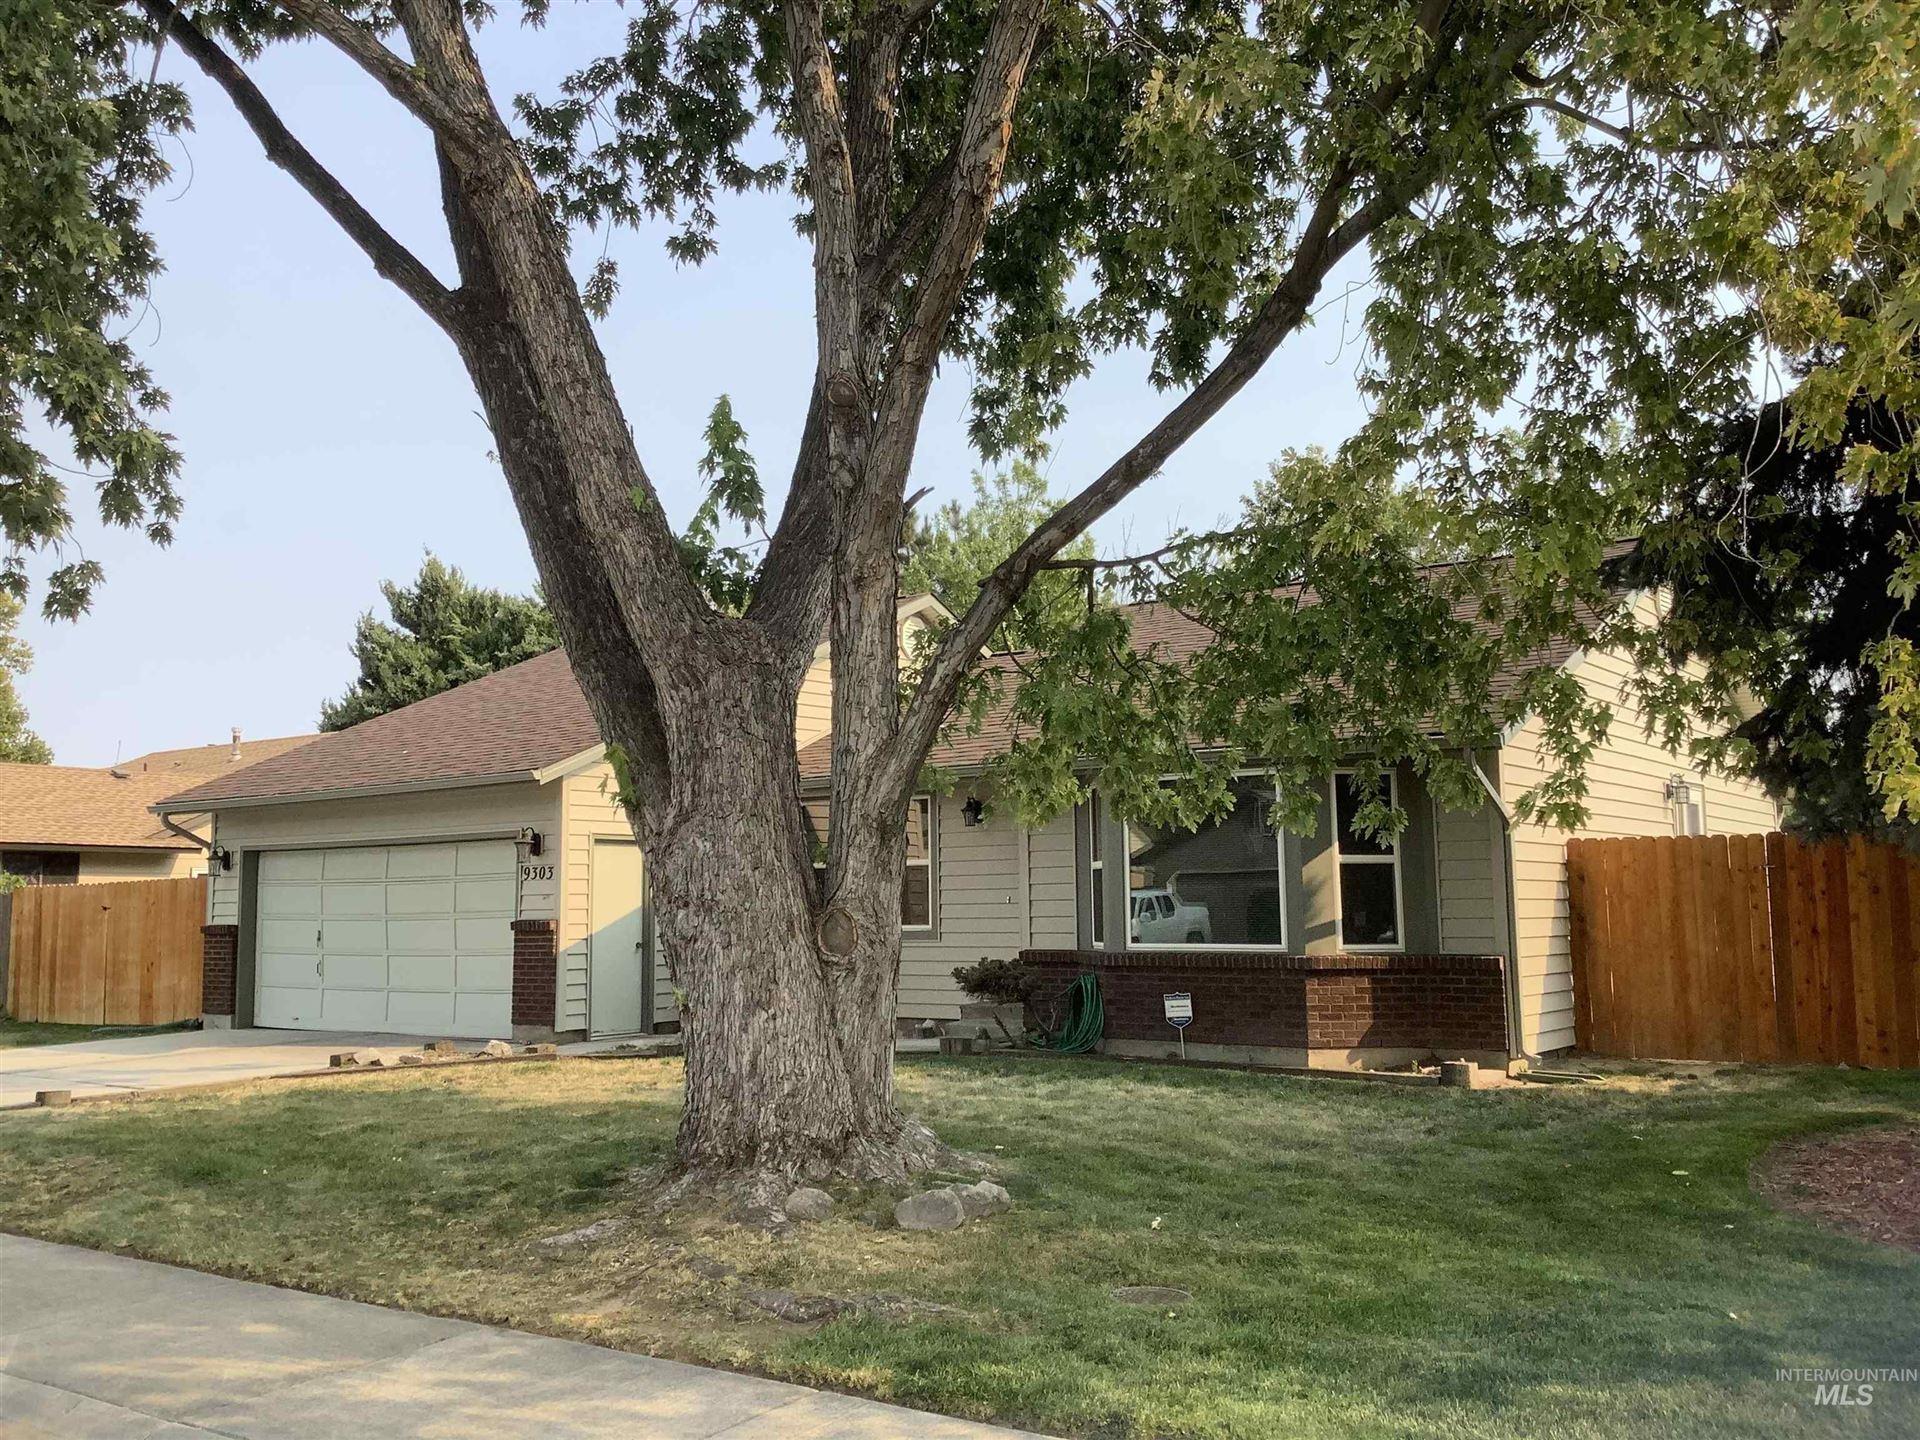 9303 W Preece St, Boise, ID 83704 - MLS#: 98817783